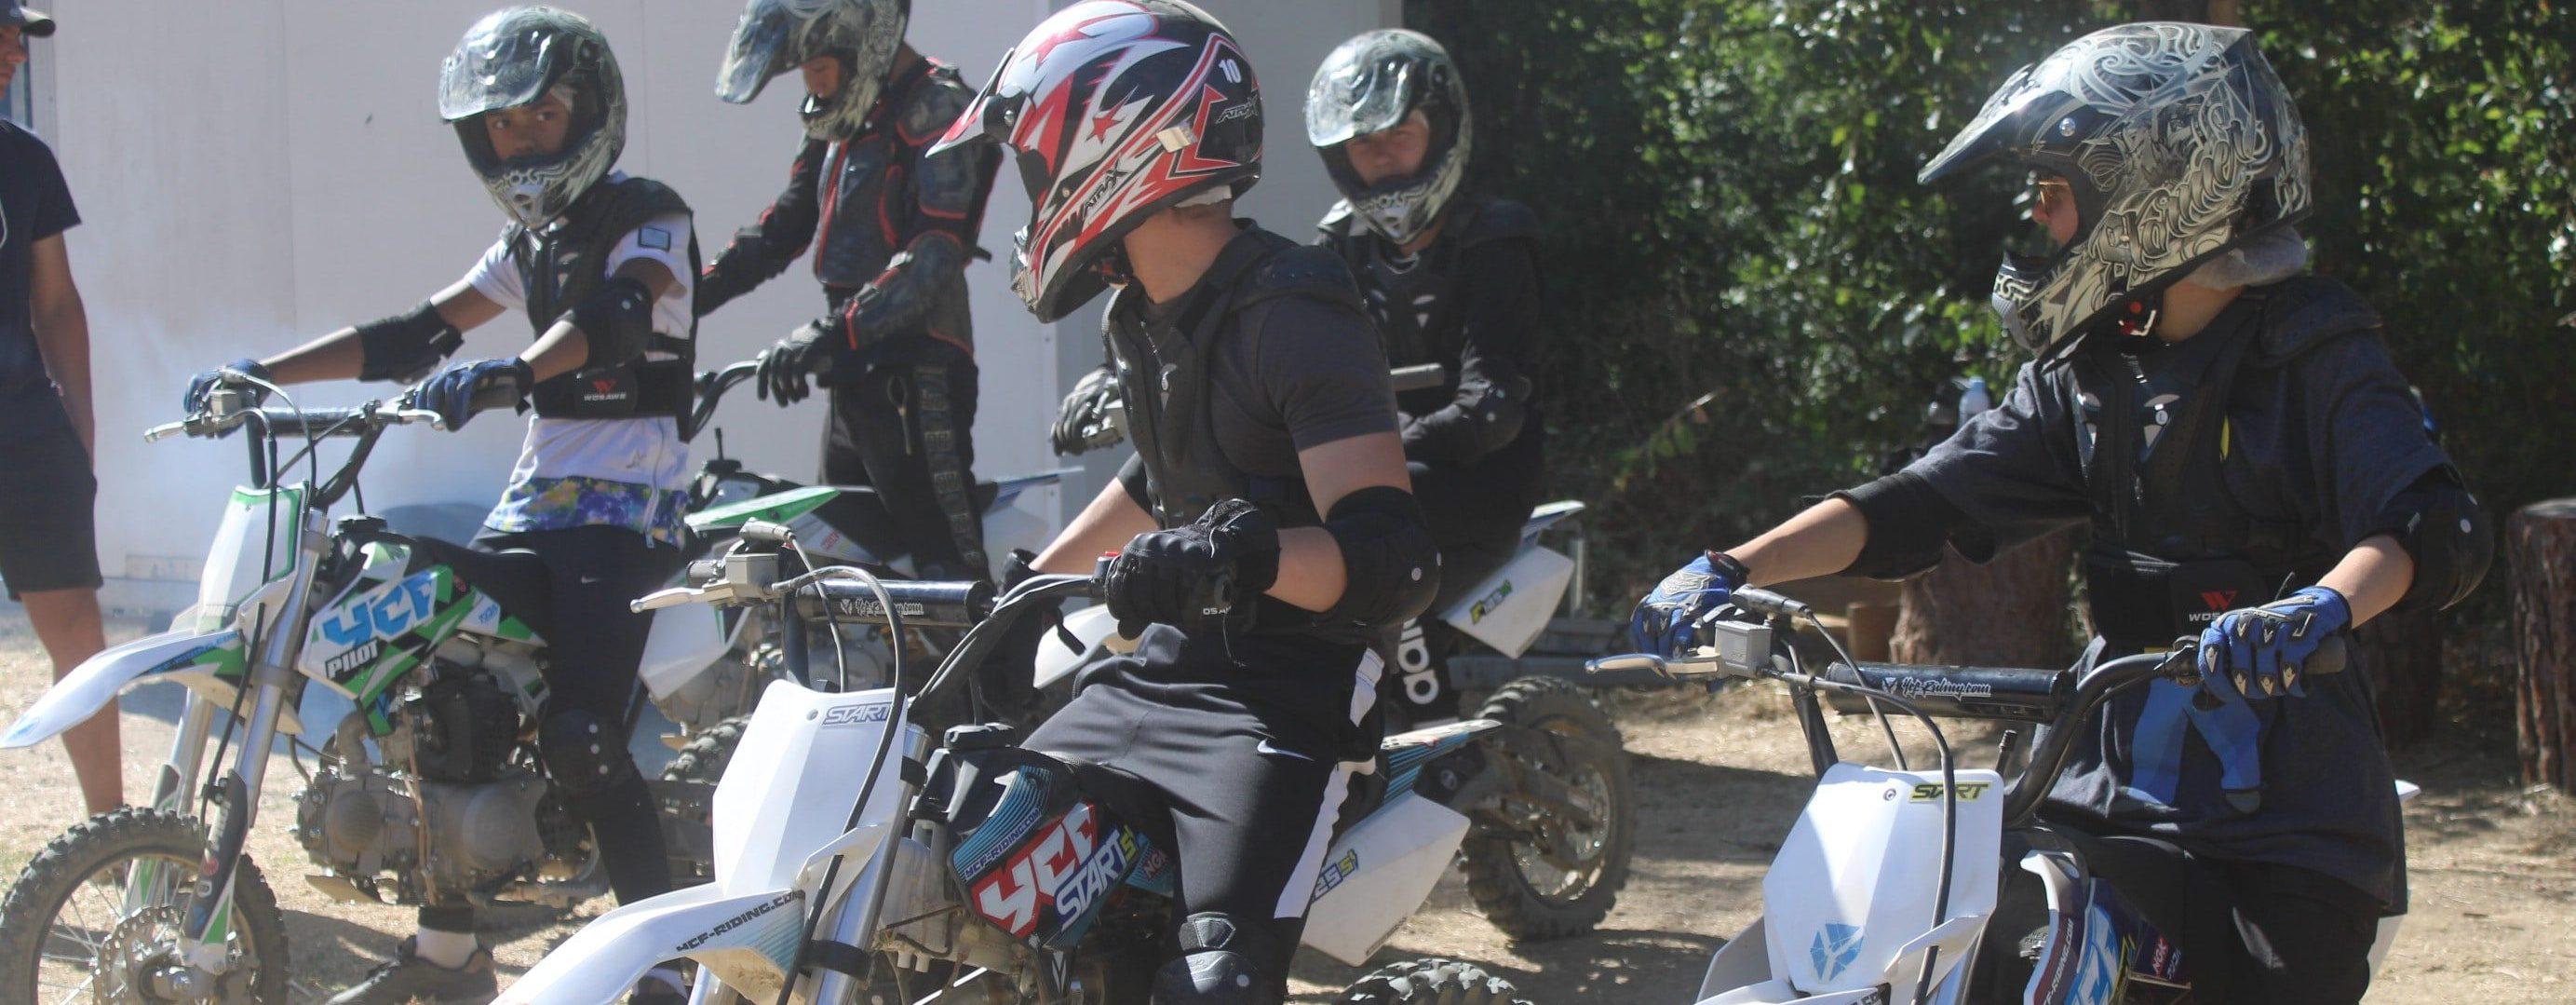 Moto-cross colonie de vacances